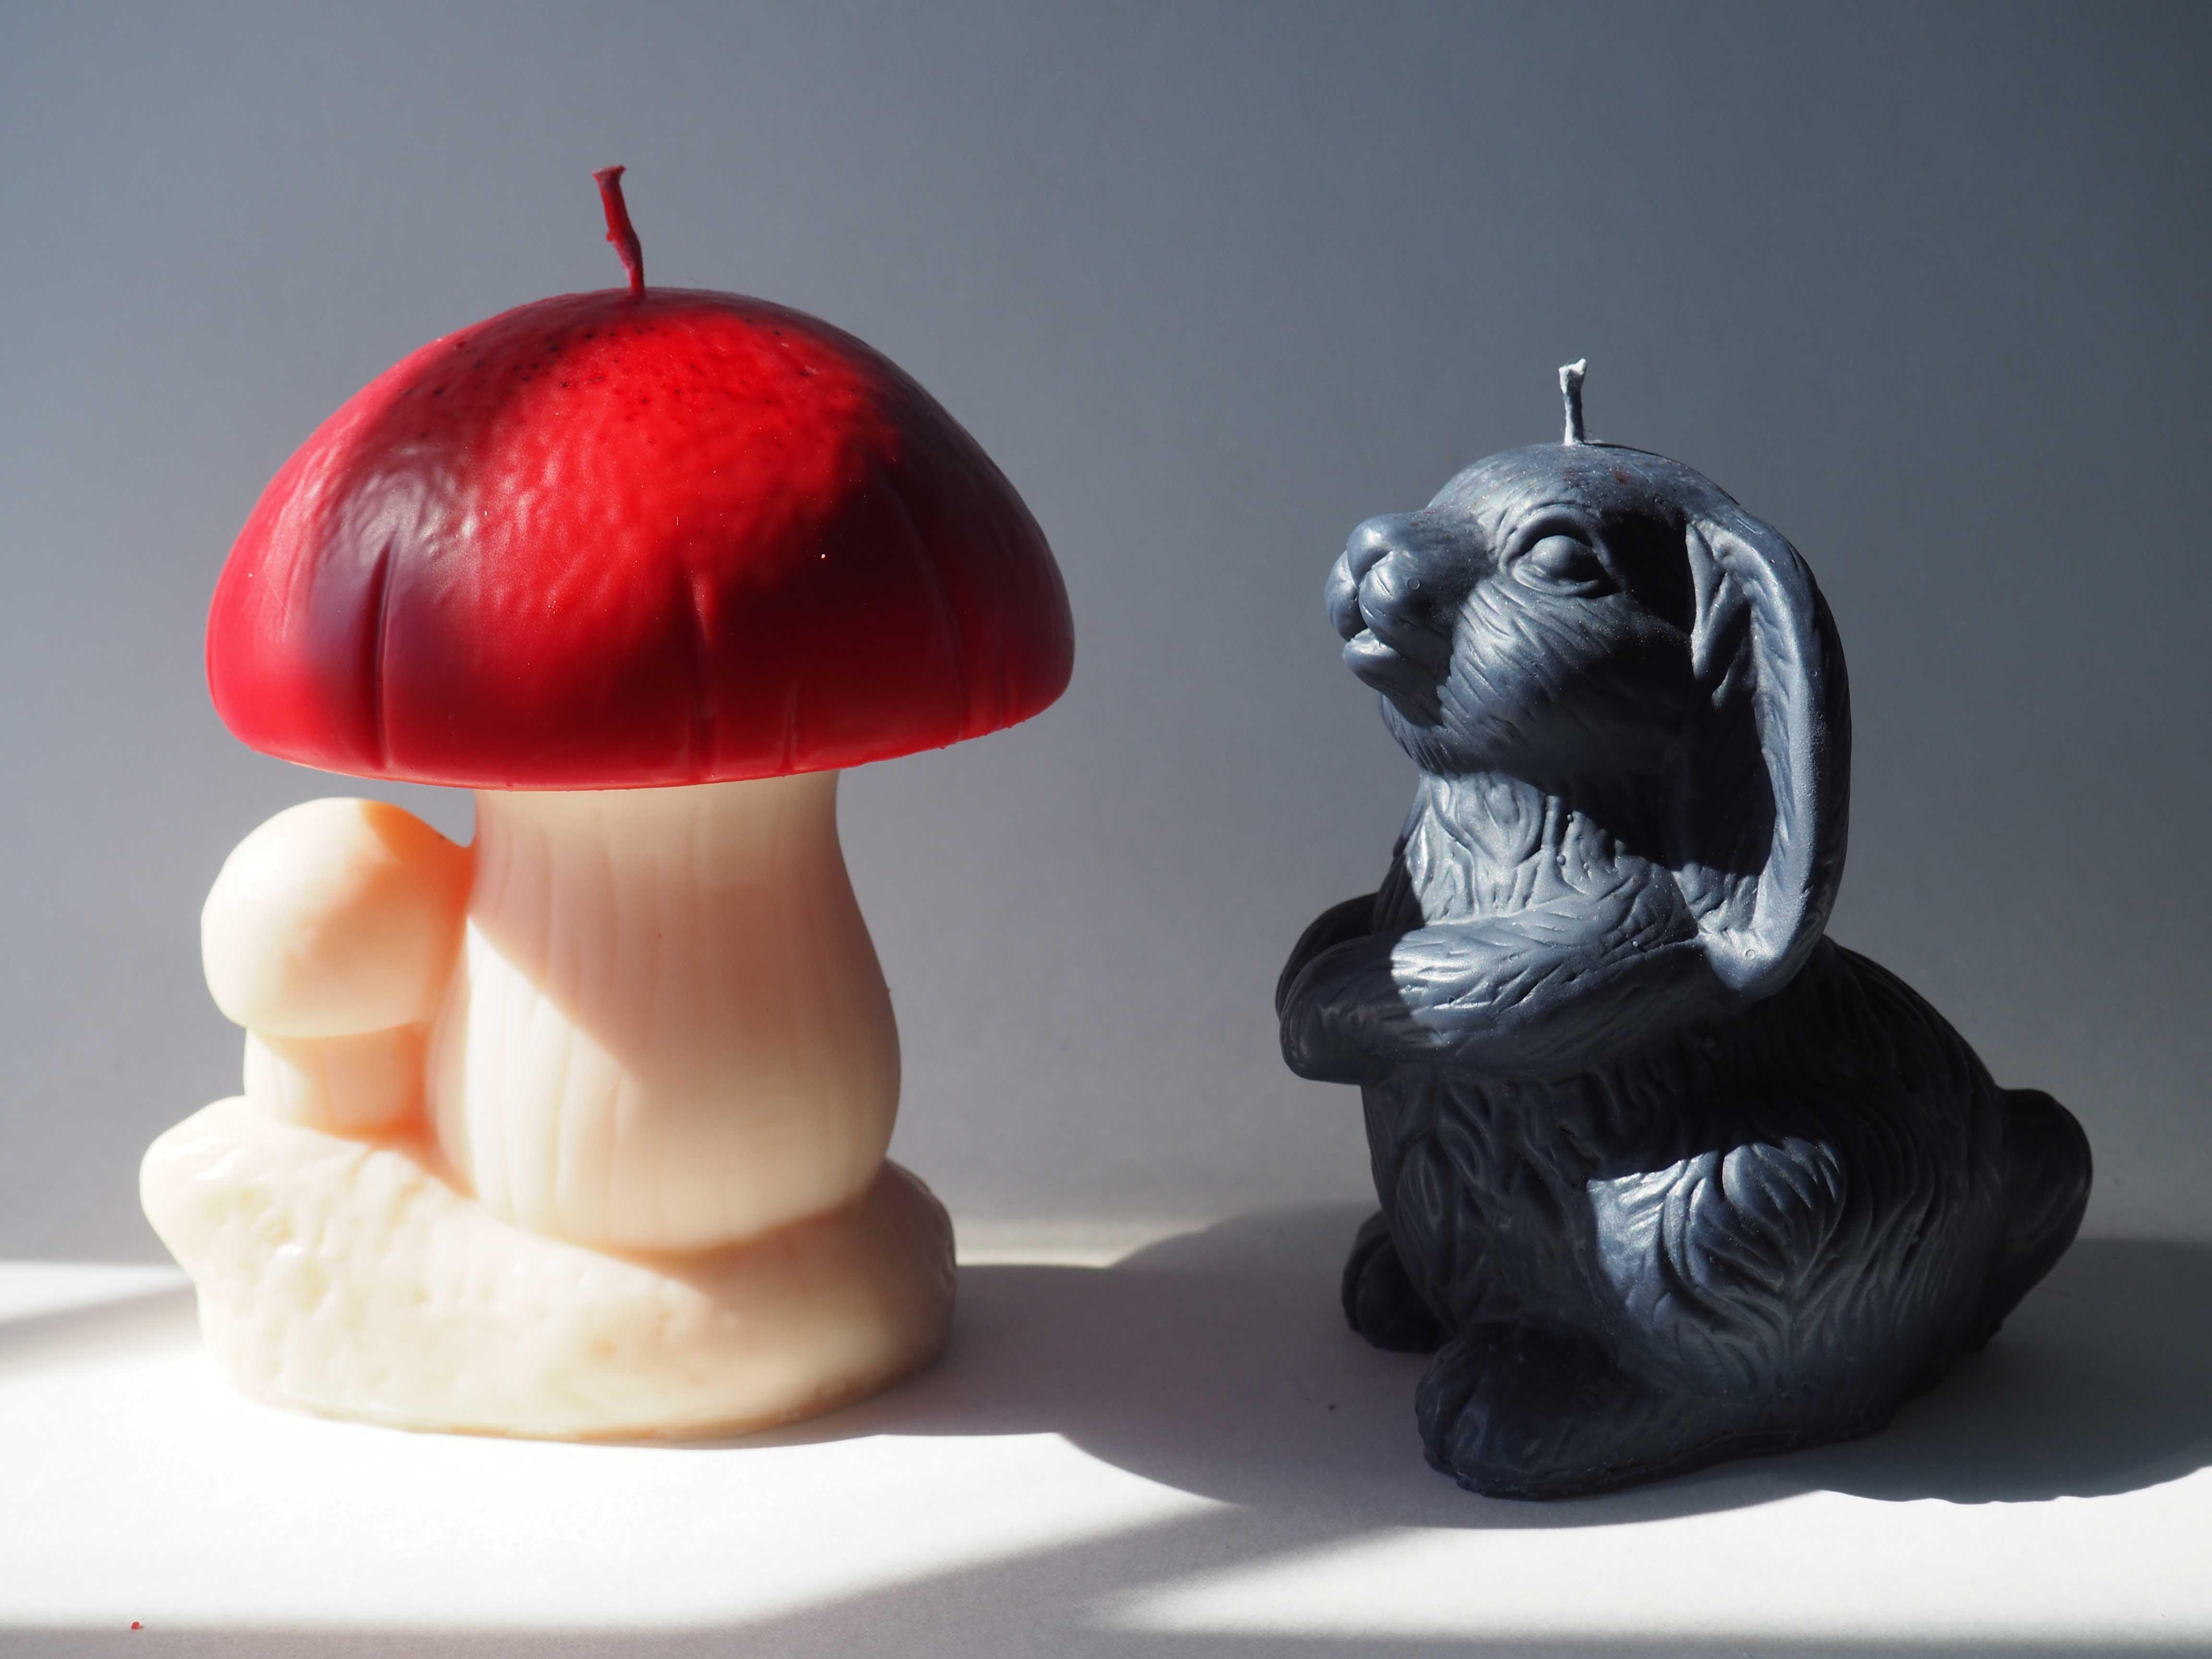 The Fairy Tale Mushroom & Black Rabbit